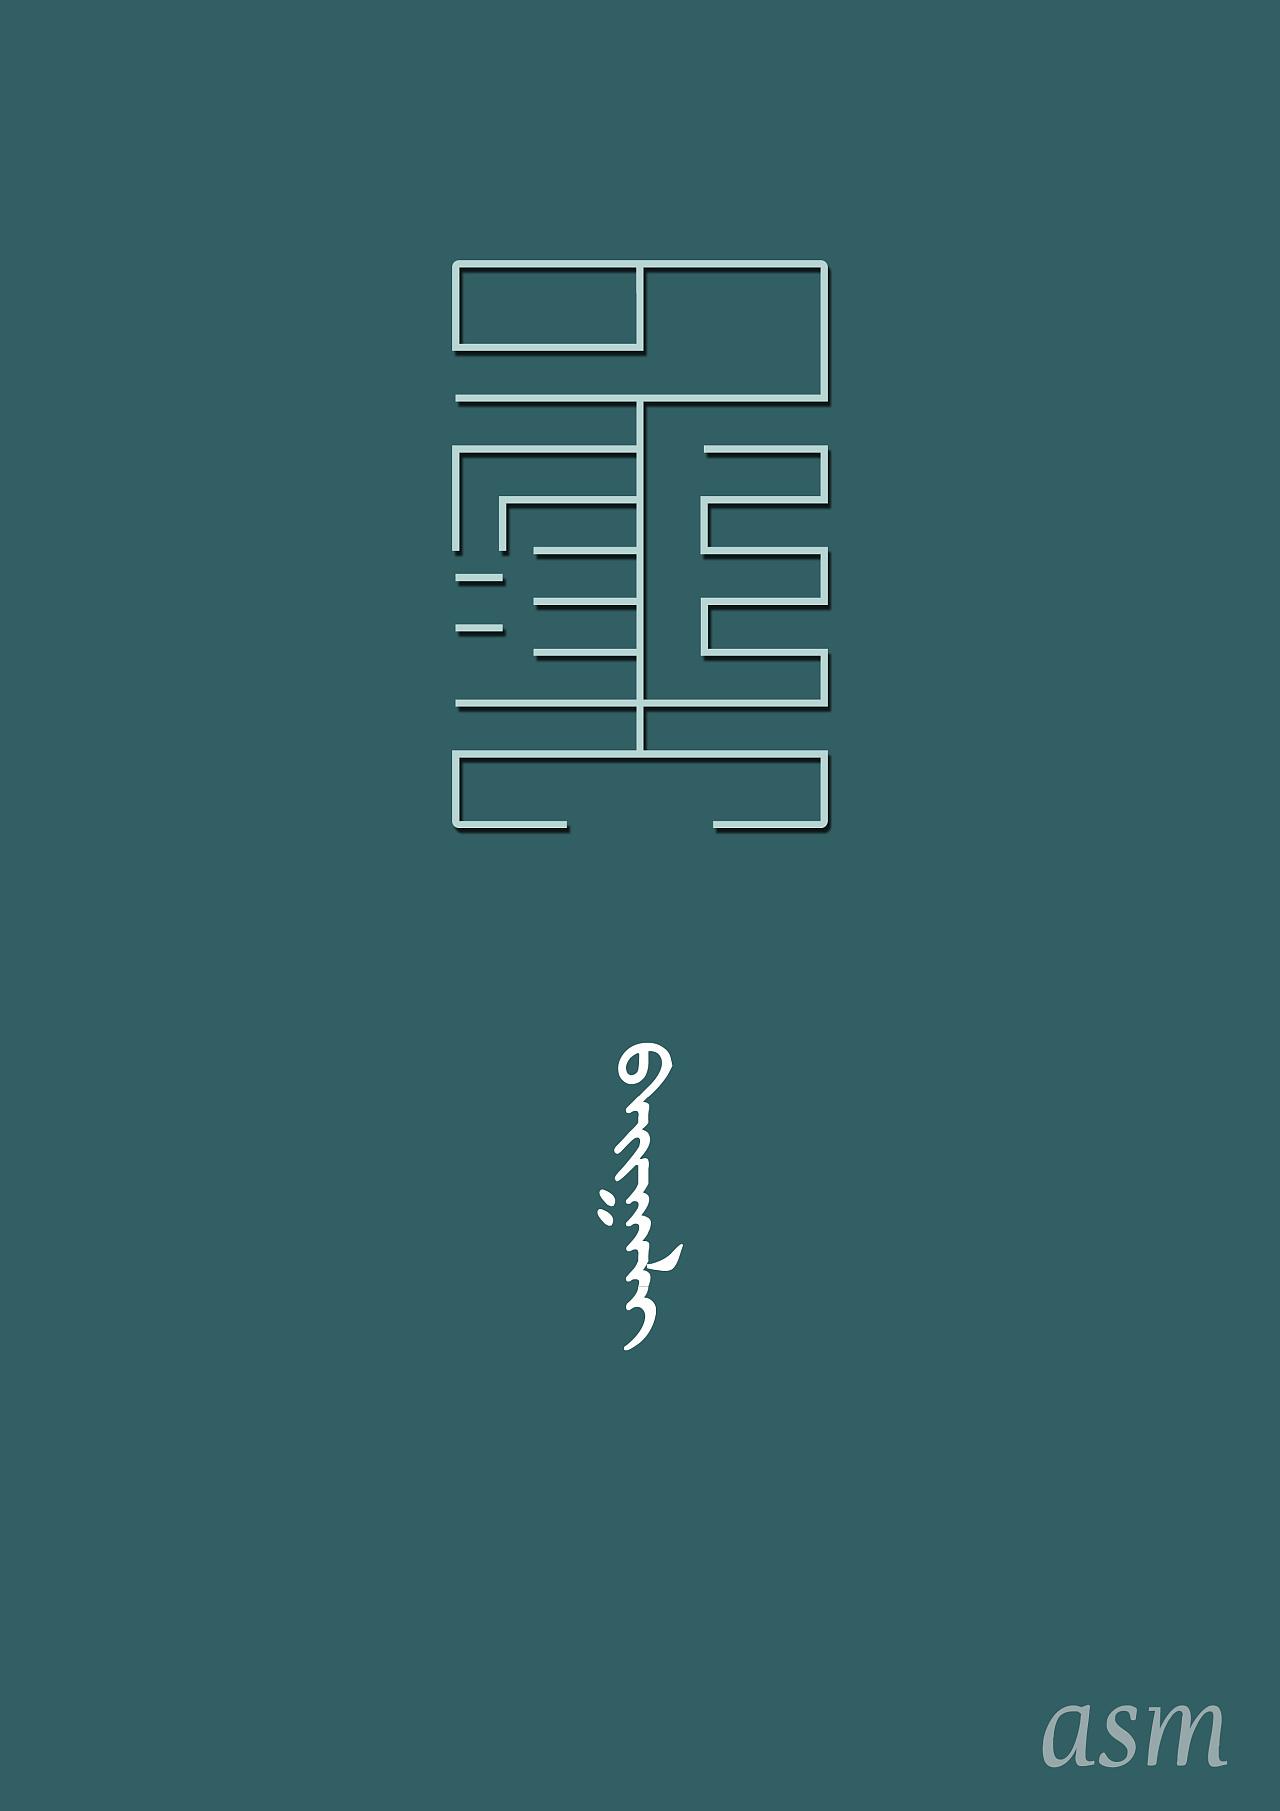 蒙古艺术文字5 -阿斯玛设计 第9张 蒙古艺术文字5 -阿斯玛设计 蒙古设计